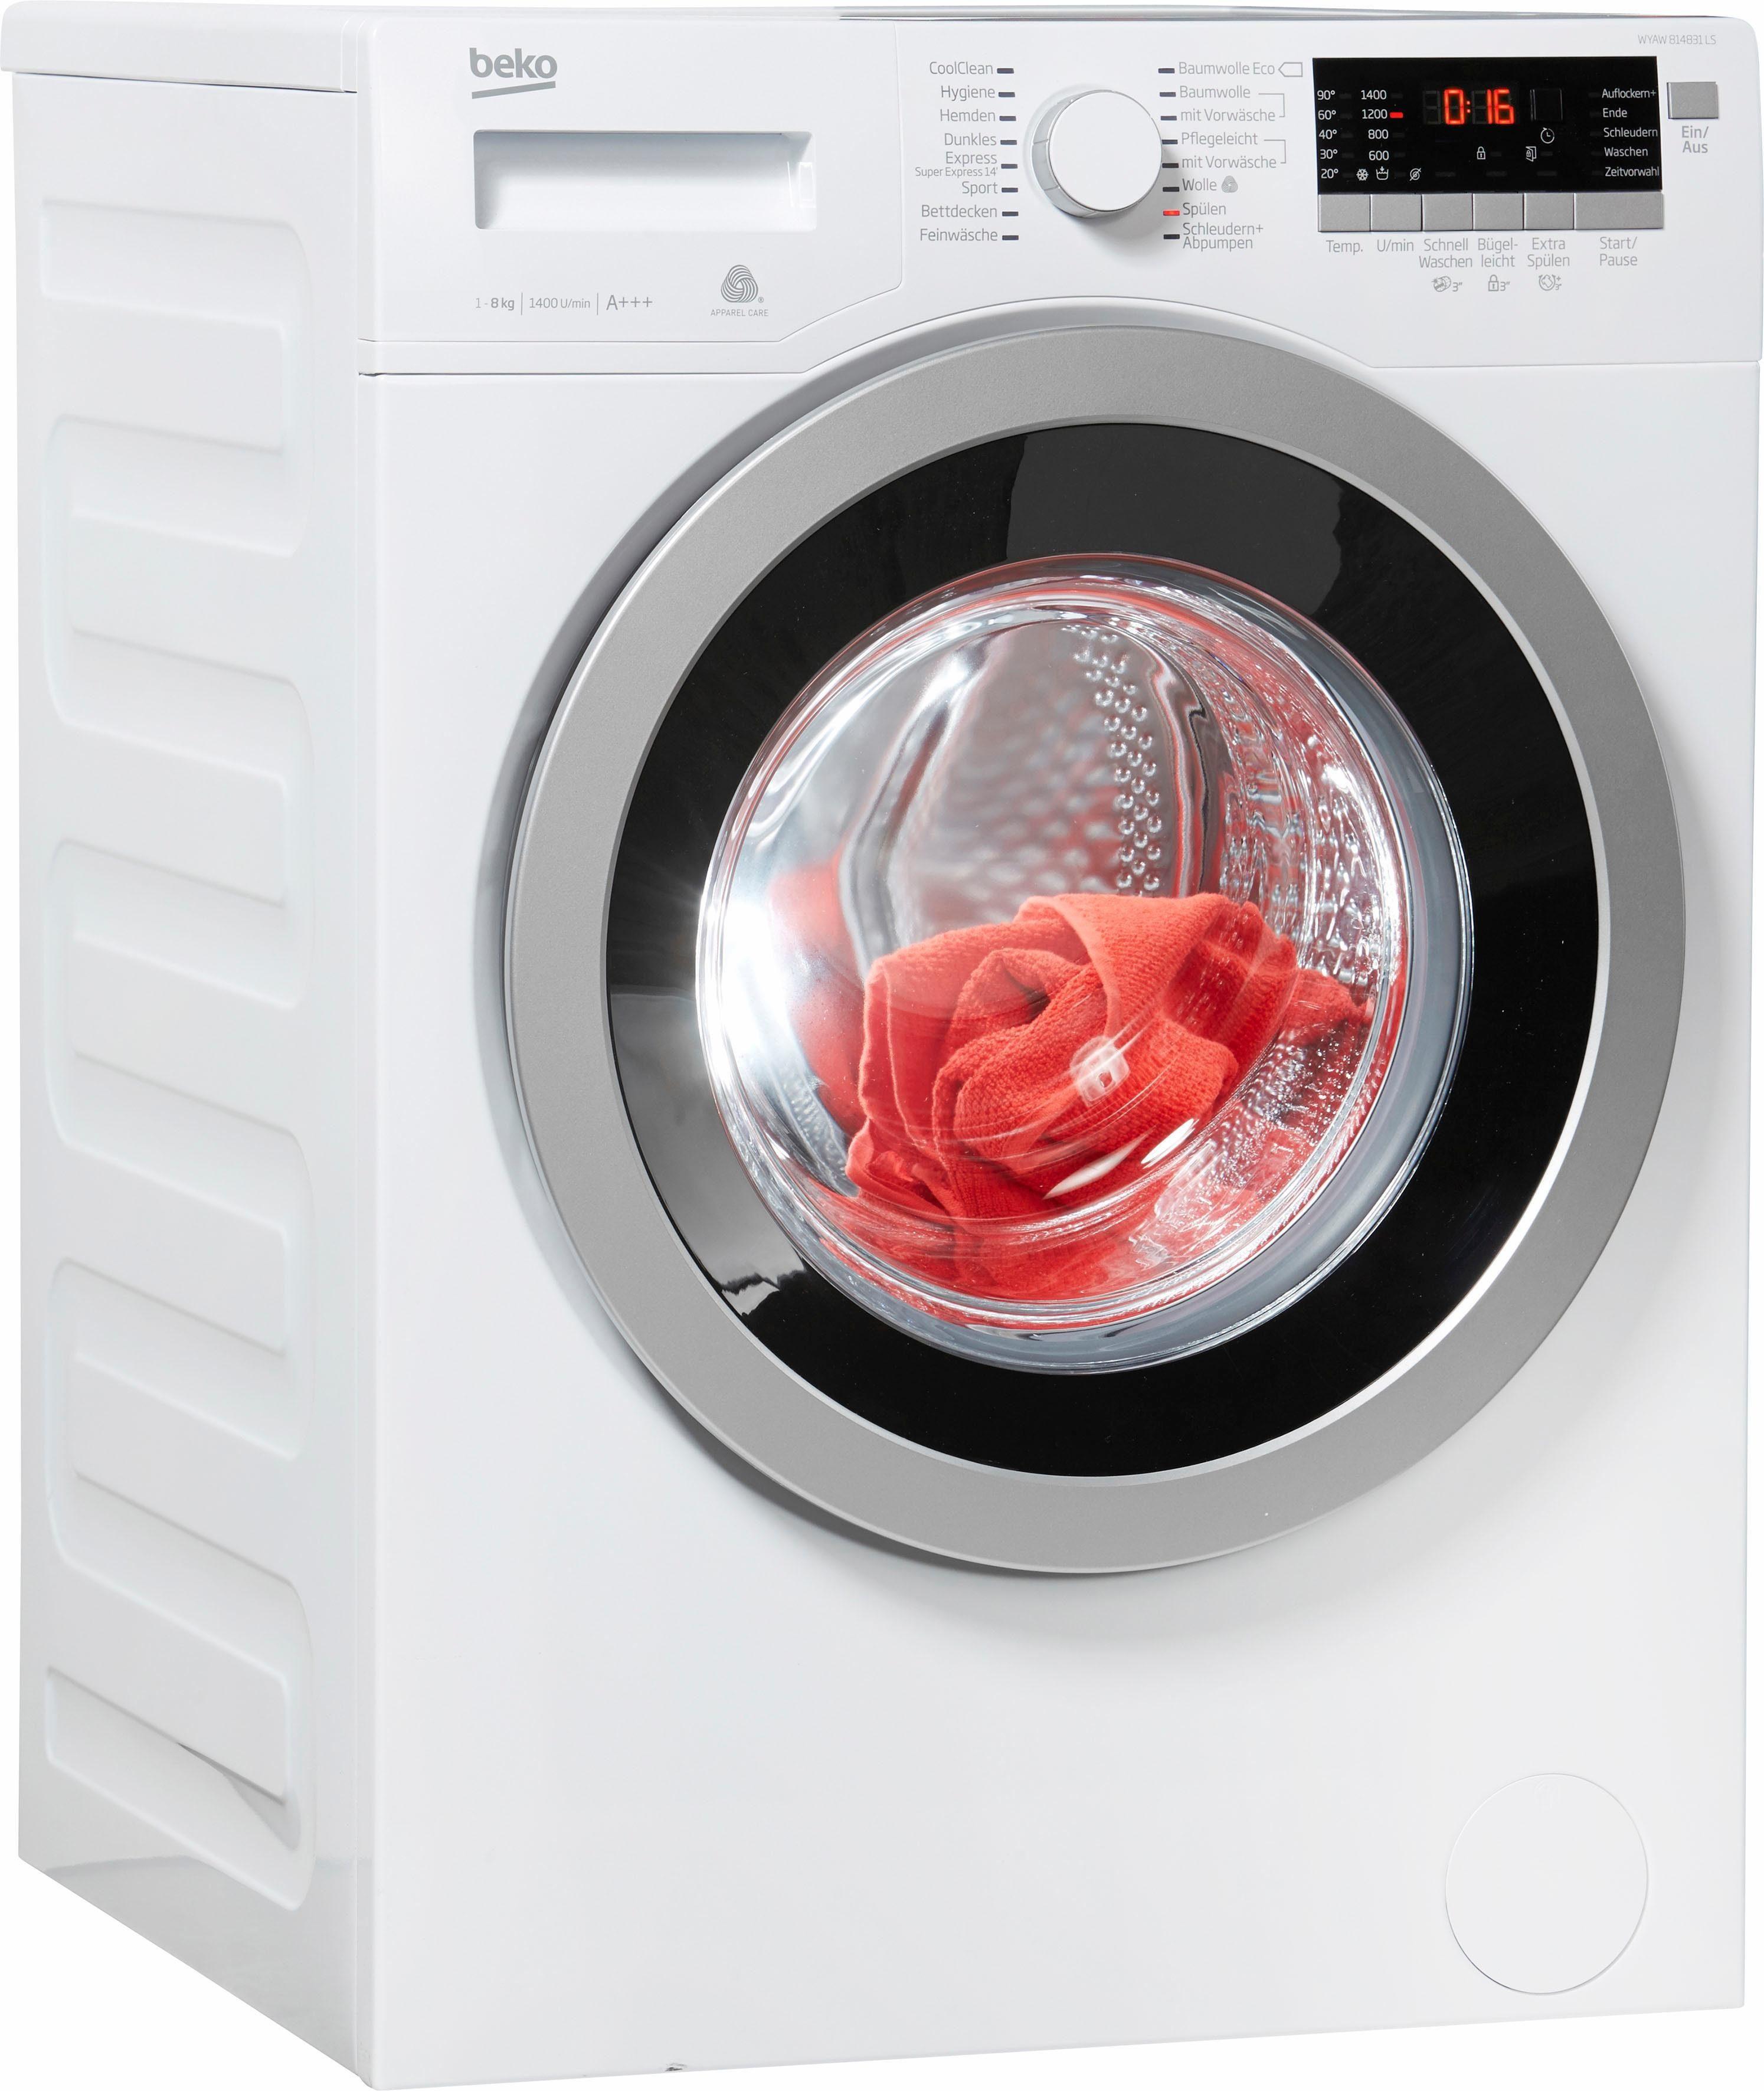 BEKO Waschmaschine WYAW 814831 LS, 8 kg, 1400 U/Min